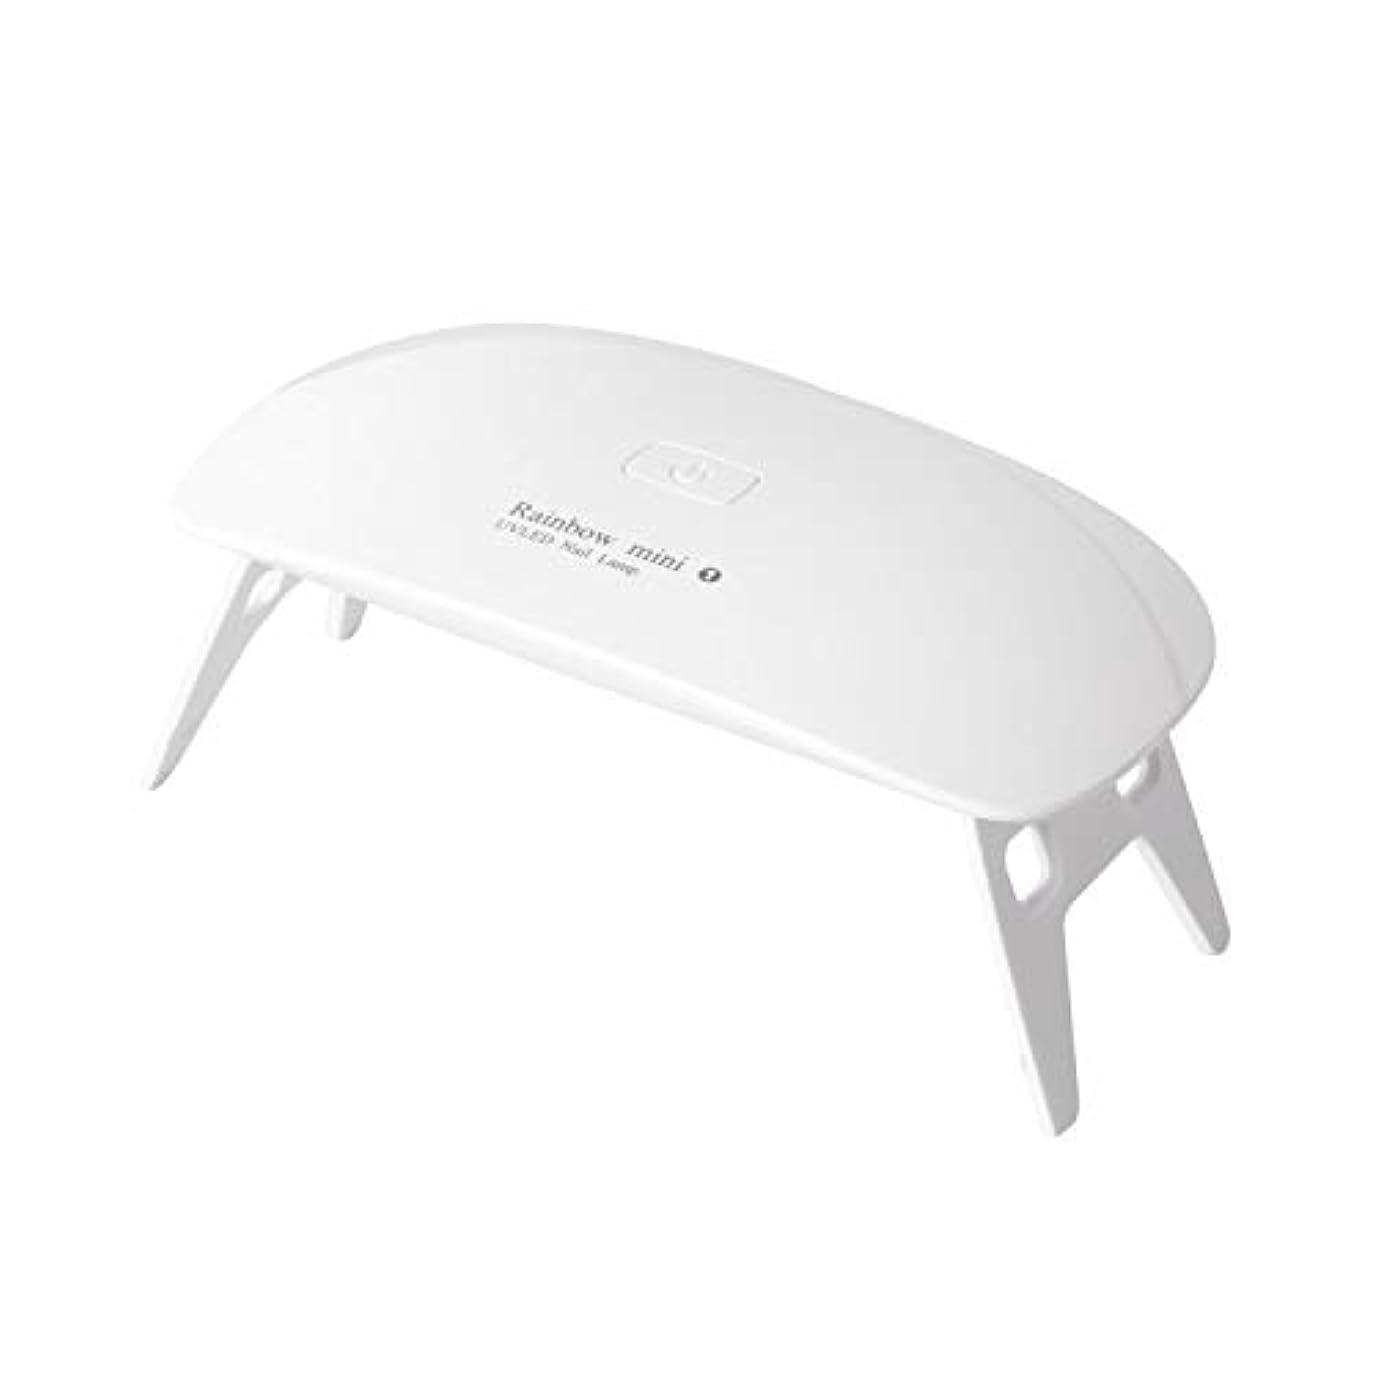 アラスカアイロニースタイルLEDネイルドライヤーAmoVee UVライト 硬化ライト タイマー設定可能 UV と LEDダブルライト 折りたたみ式 ジェルネイル用 携帯用 ホワイト